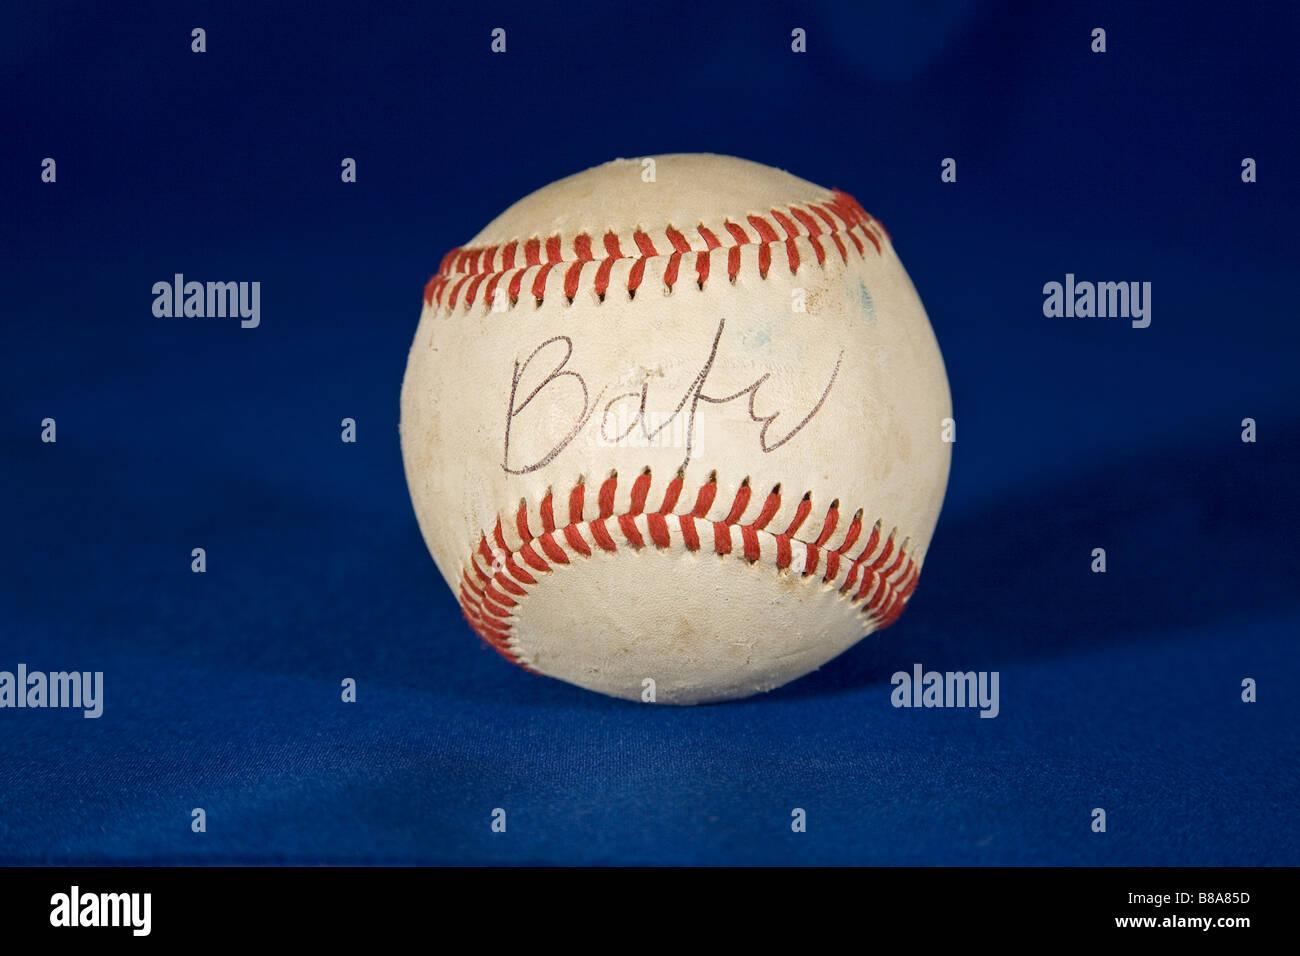 Un autografo di baseball firmata ha portato tanto quanto $ 150 000 all'asta Immagini Stock